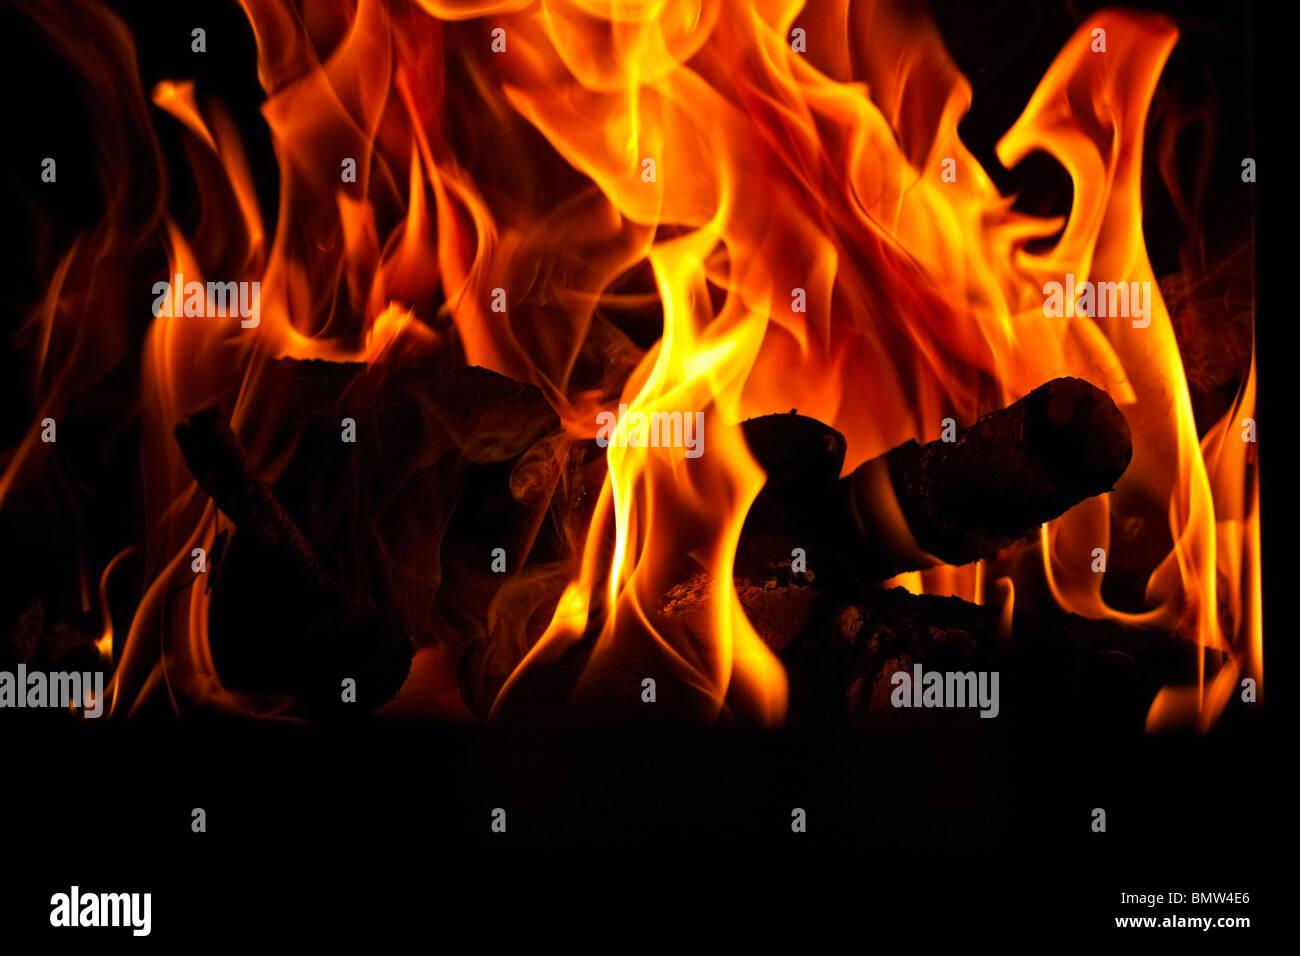 Bûches silhouetté contre flammes dans un foyer. Photo Stock